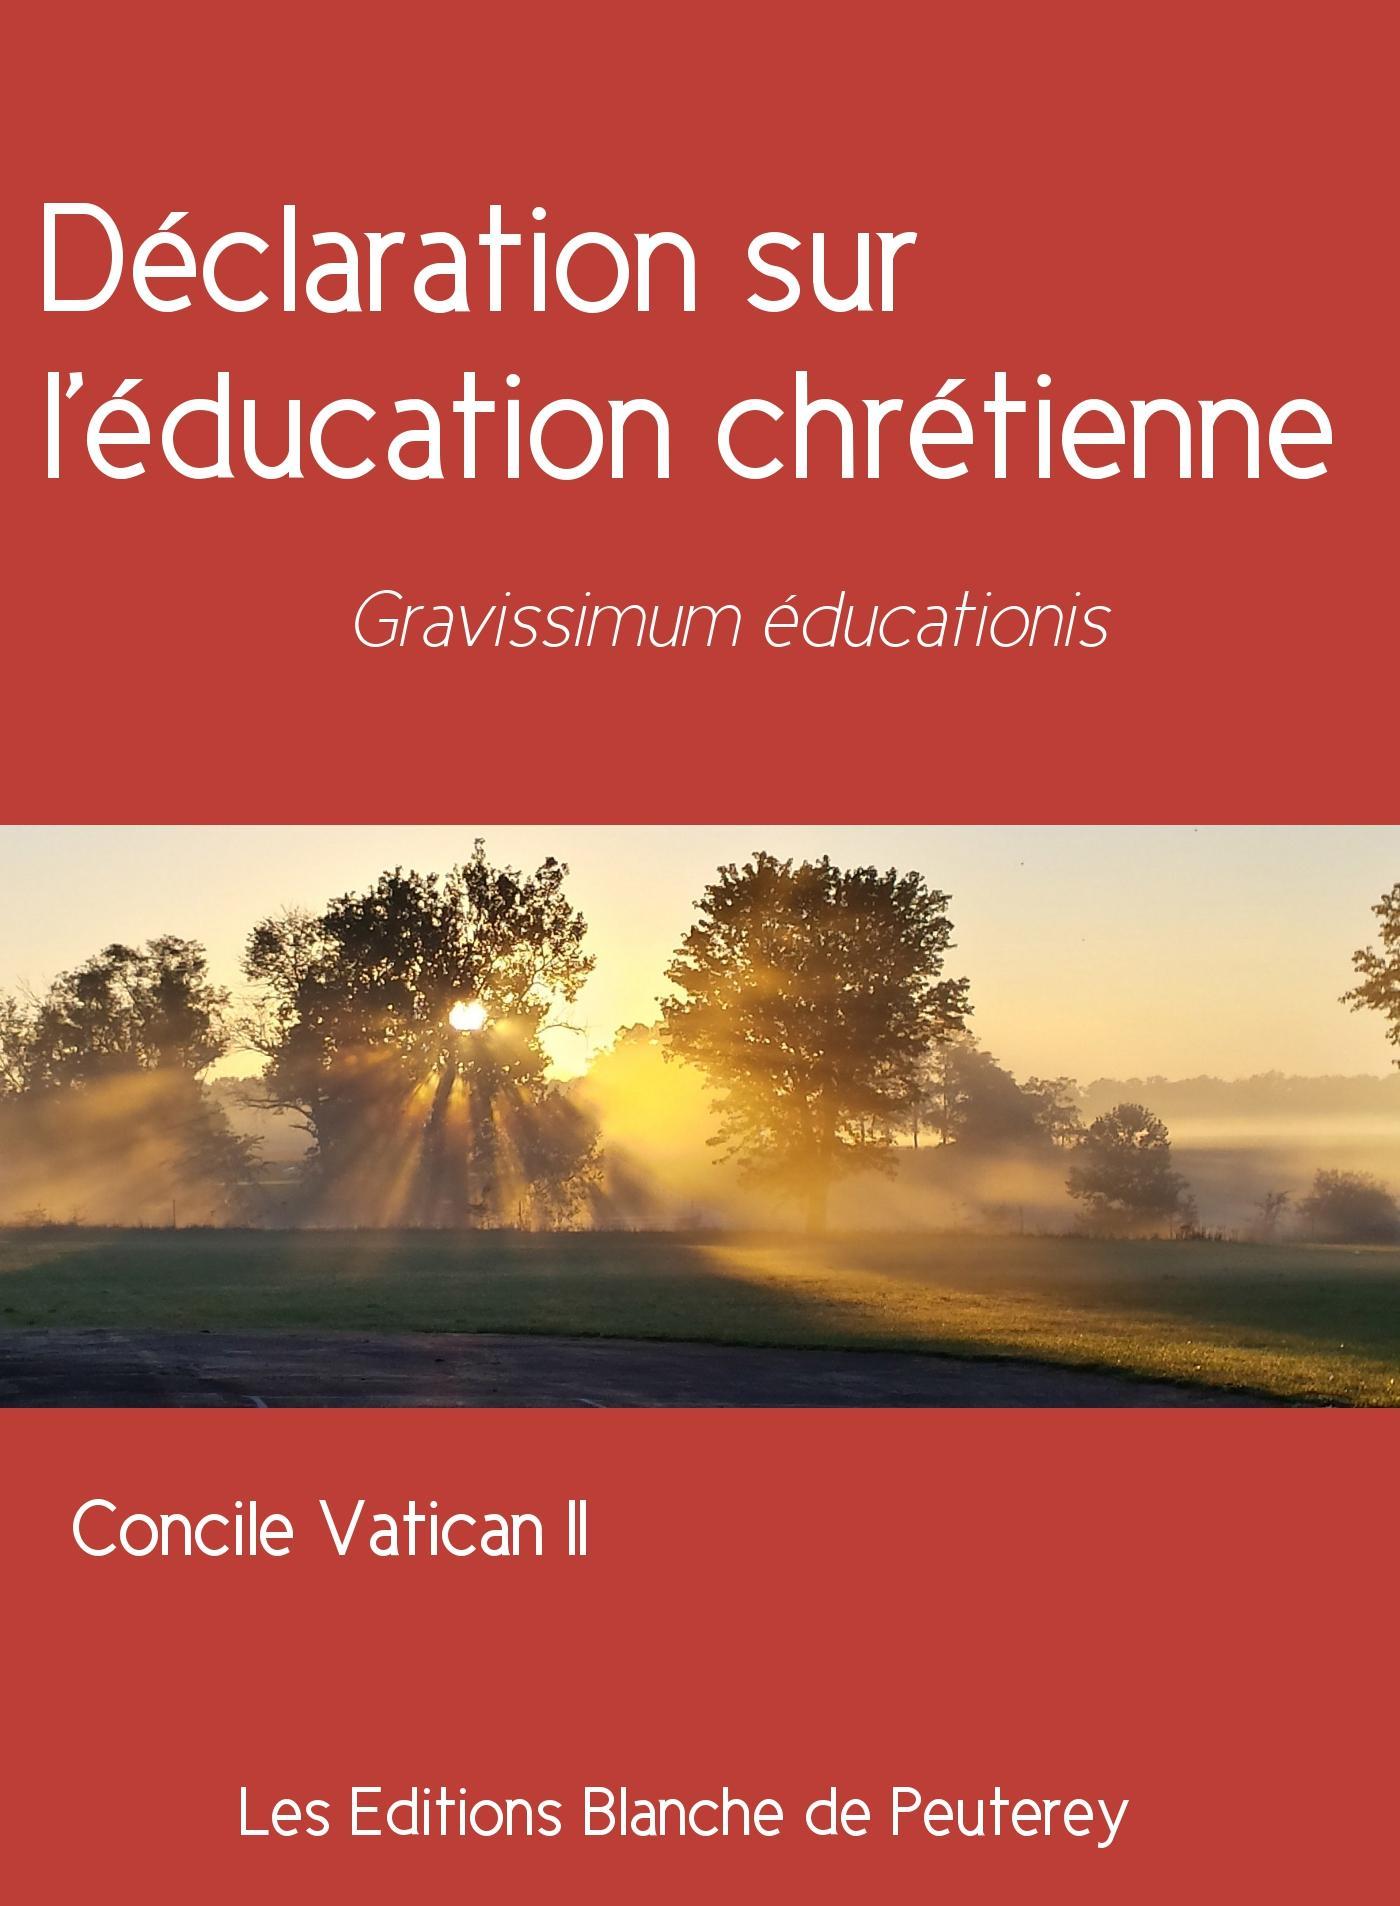 Déclaration sur l'éducation chrétienne, GRAVISSIMUM EDUCATIONIS